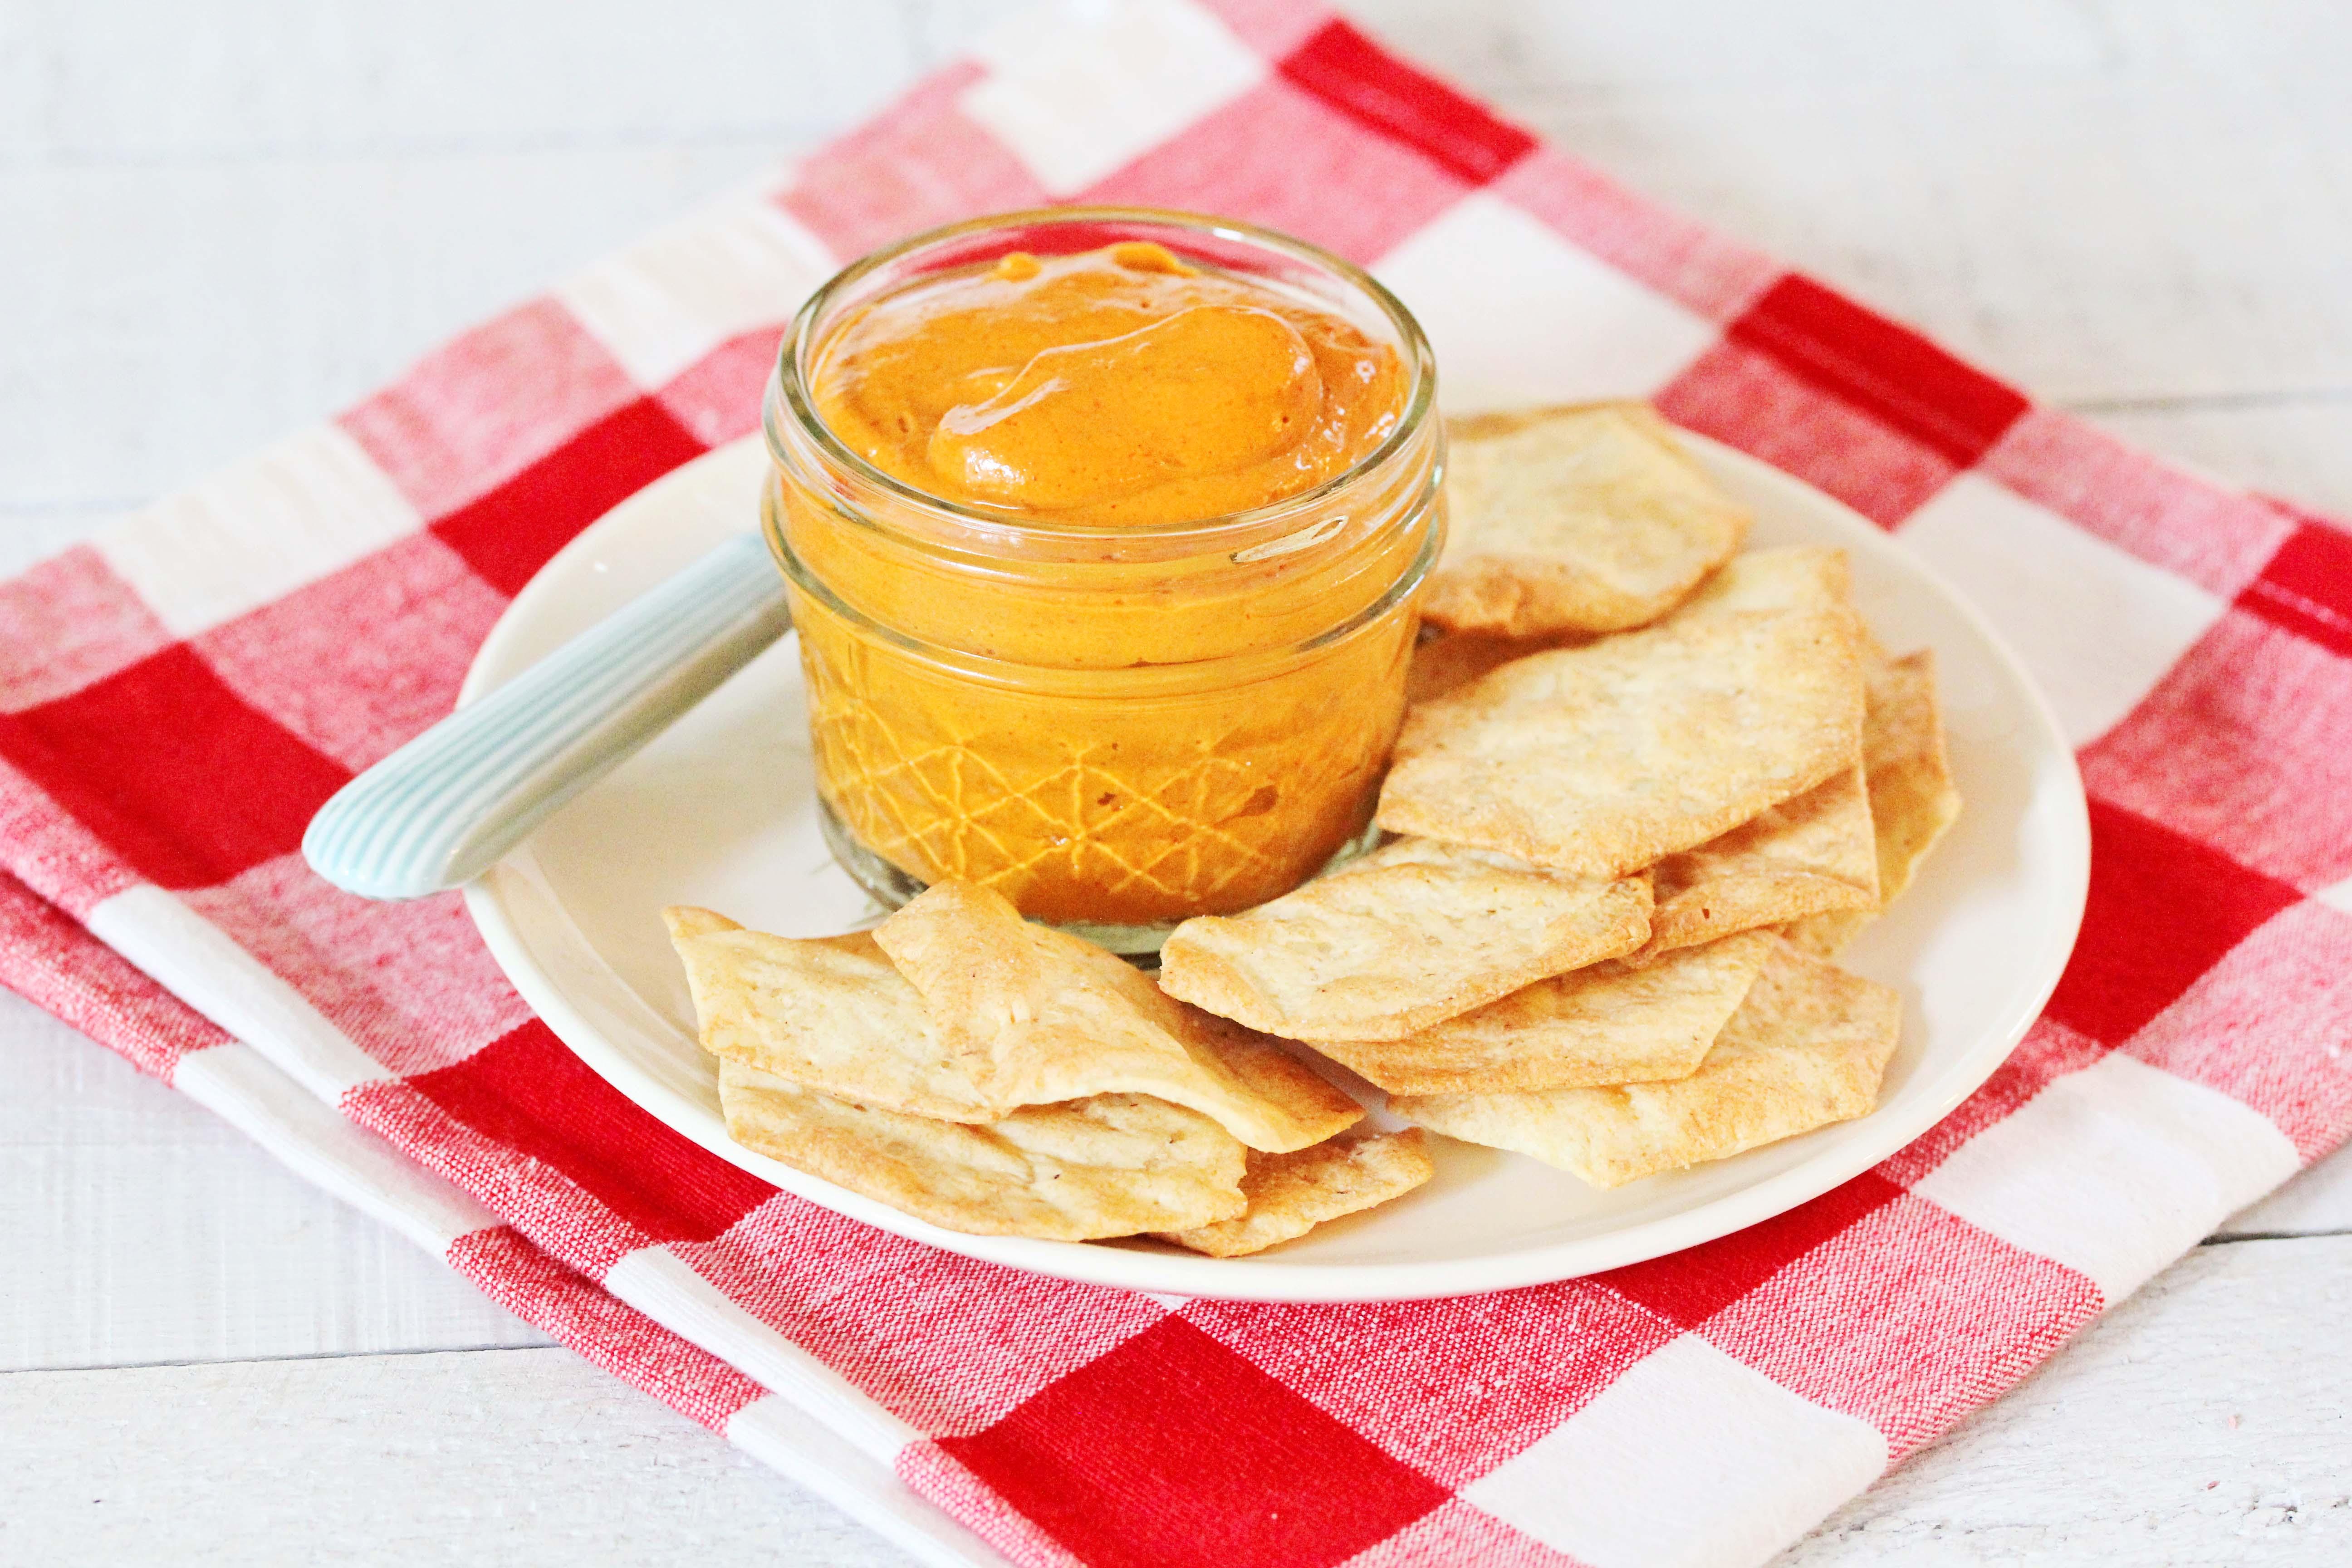 A Photo Of Gluten-Free + Vegan Chipotle Cream Sauce | Julie's Kitchenette